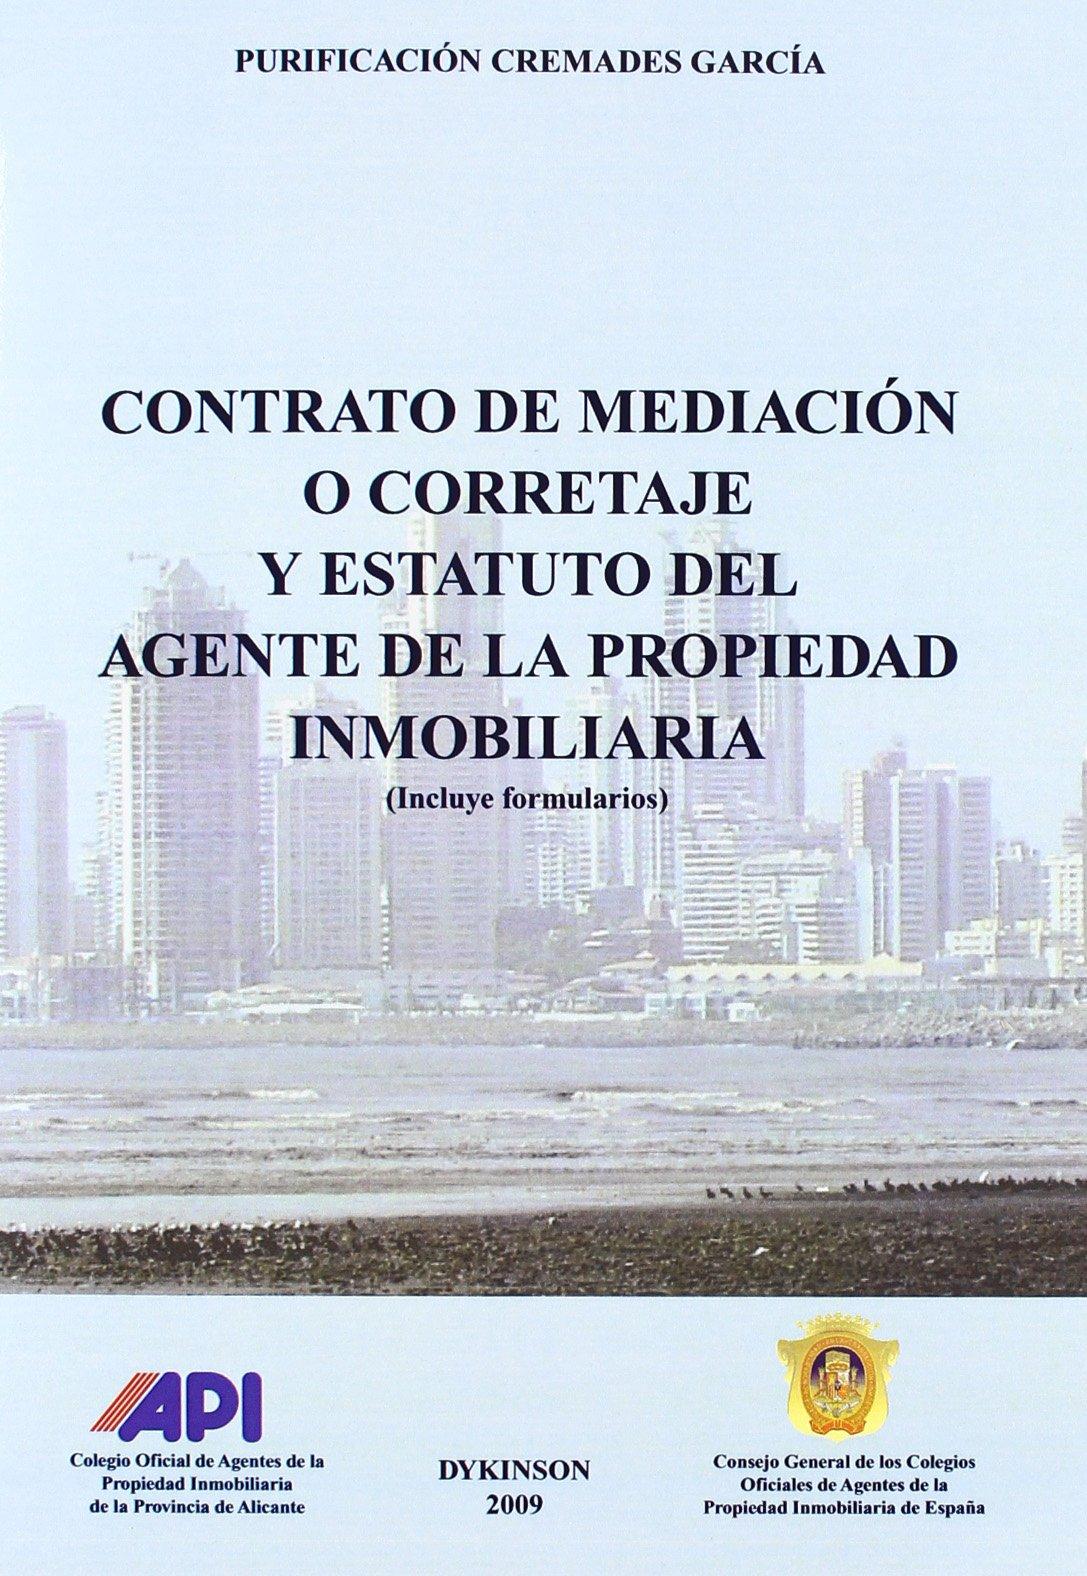 Contrato de mediación o corretaje y estatuto agente de la propiedad inmobiliaria: Incluye formularios: Amazon.es: Cremades García, Purificación: Libros